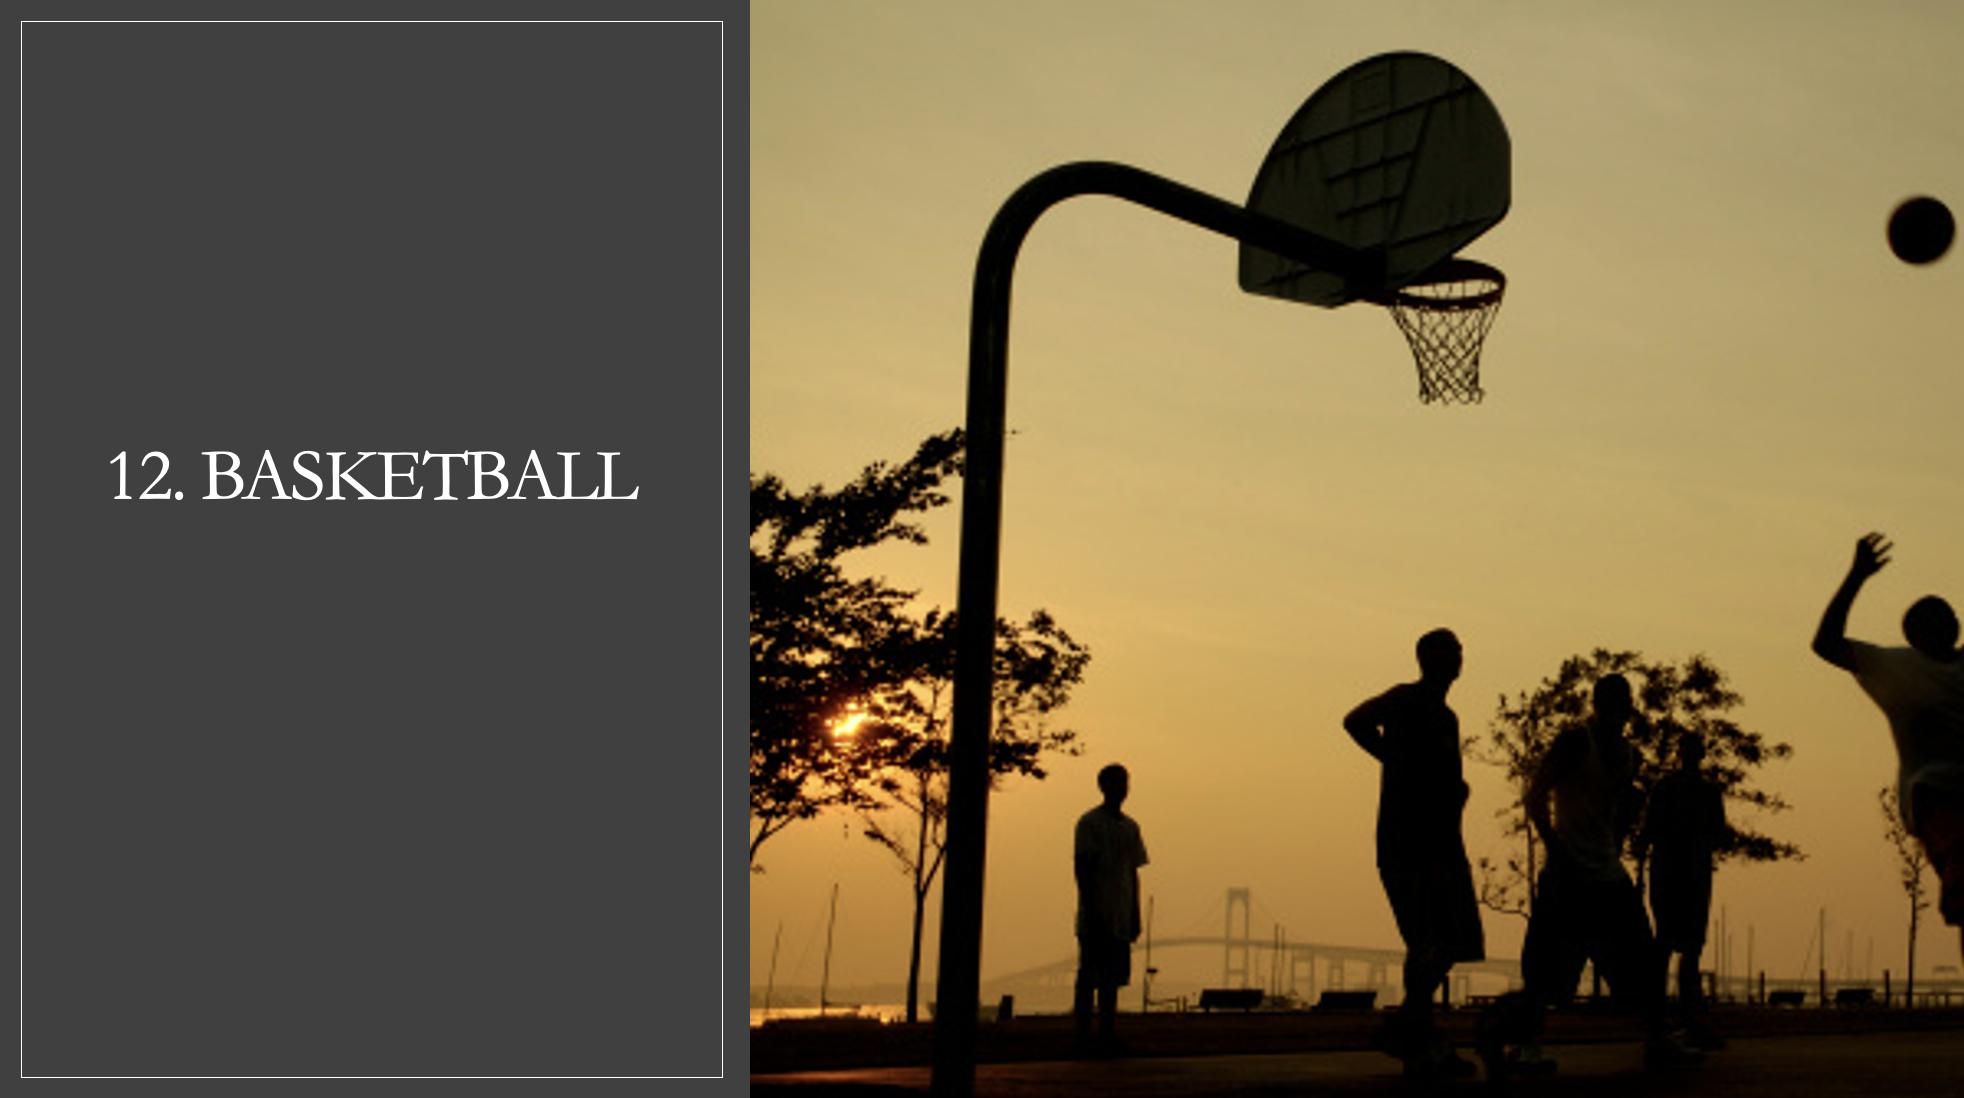 Basketball in Philadelphia